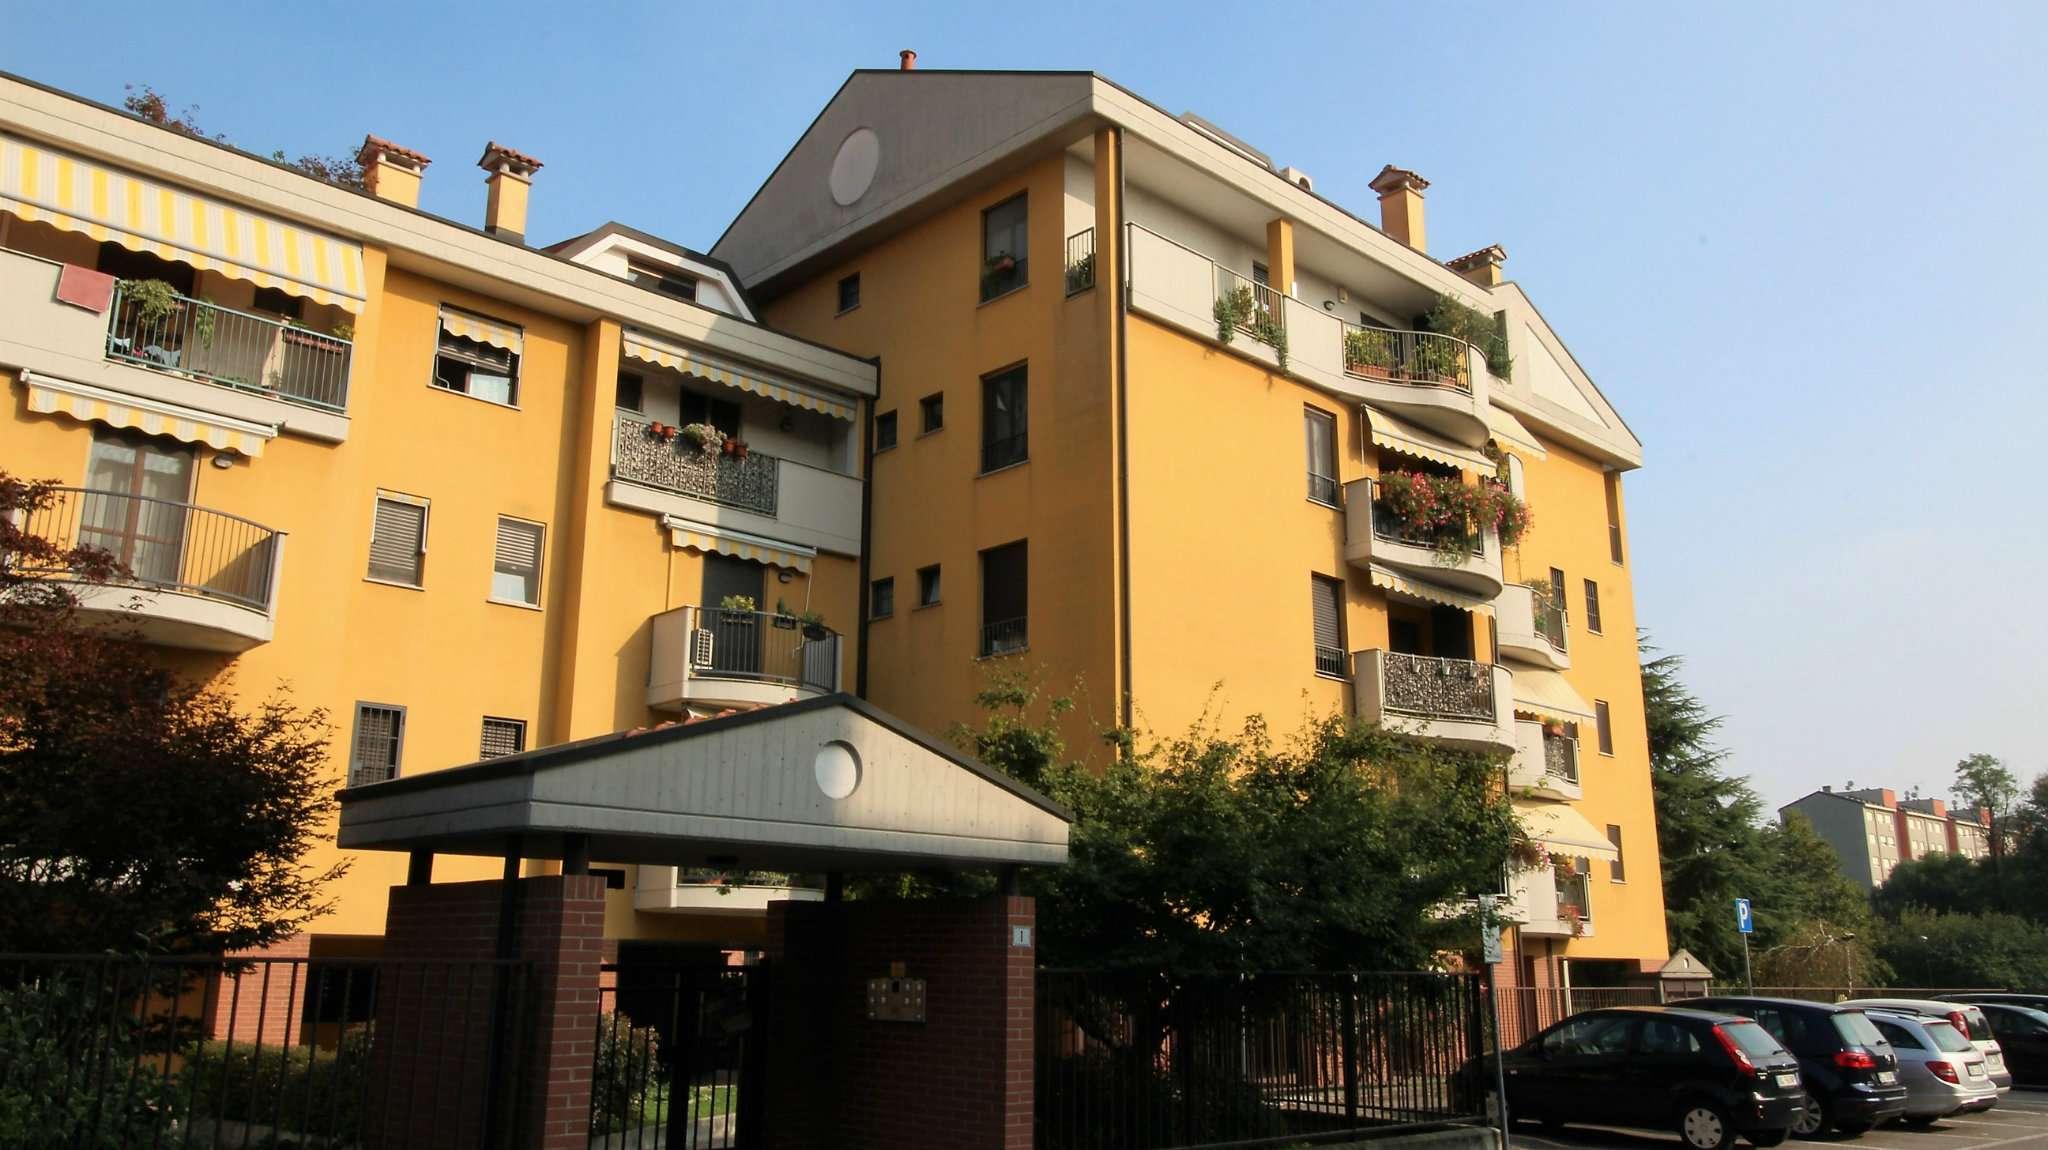 3 locali Arredato su 2 livelli con terrazzo e 2 box